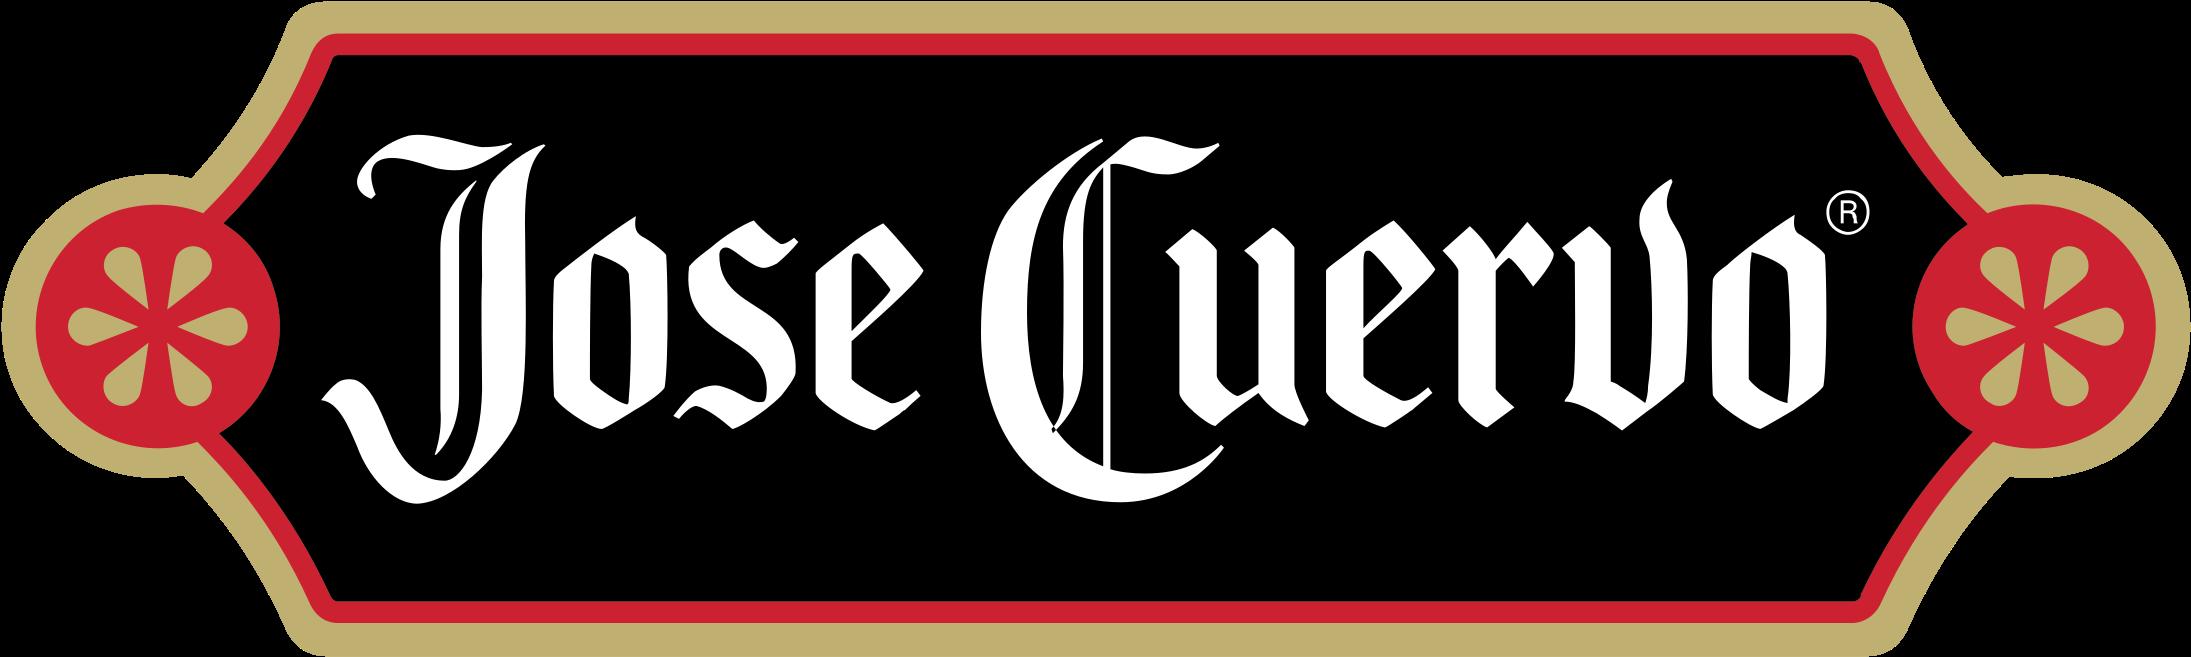 Resultado de imagen para tequila cuervo logo